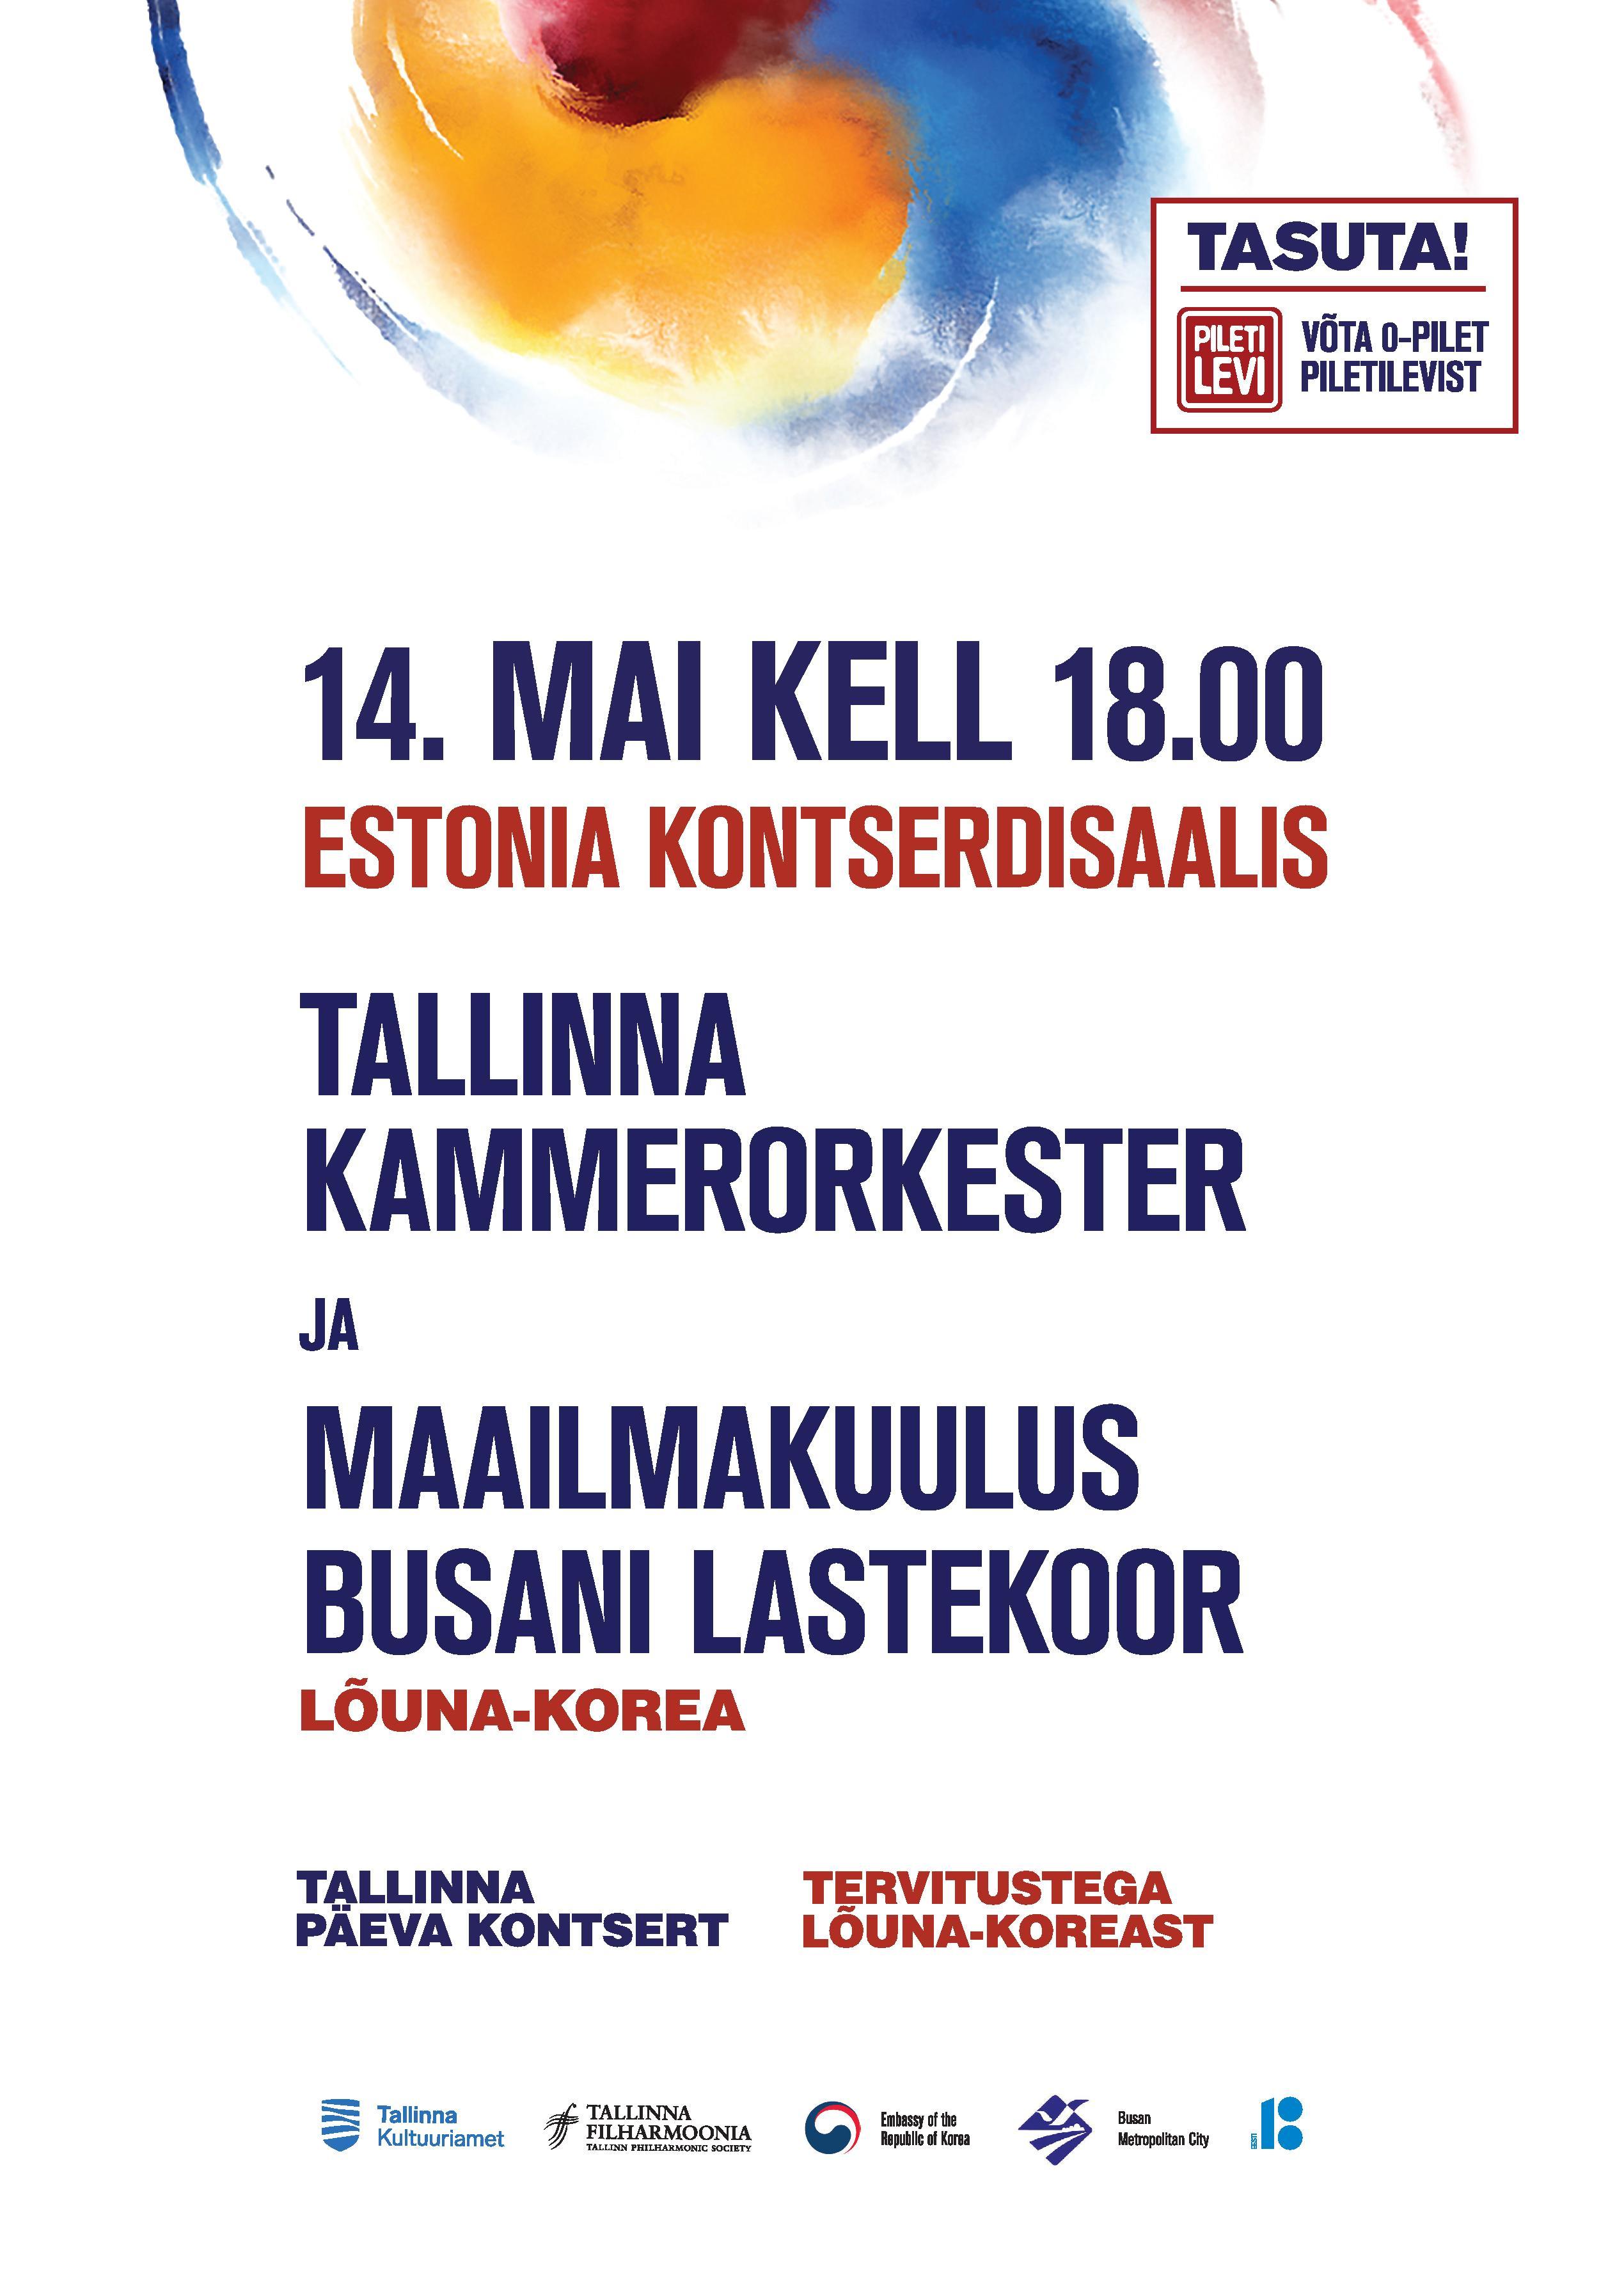 Tallinna päeva kontsert: tervitustega Lõuna-Koreast